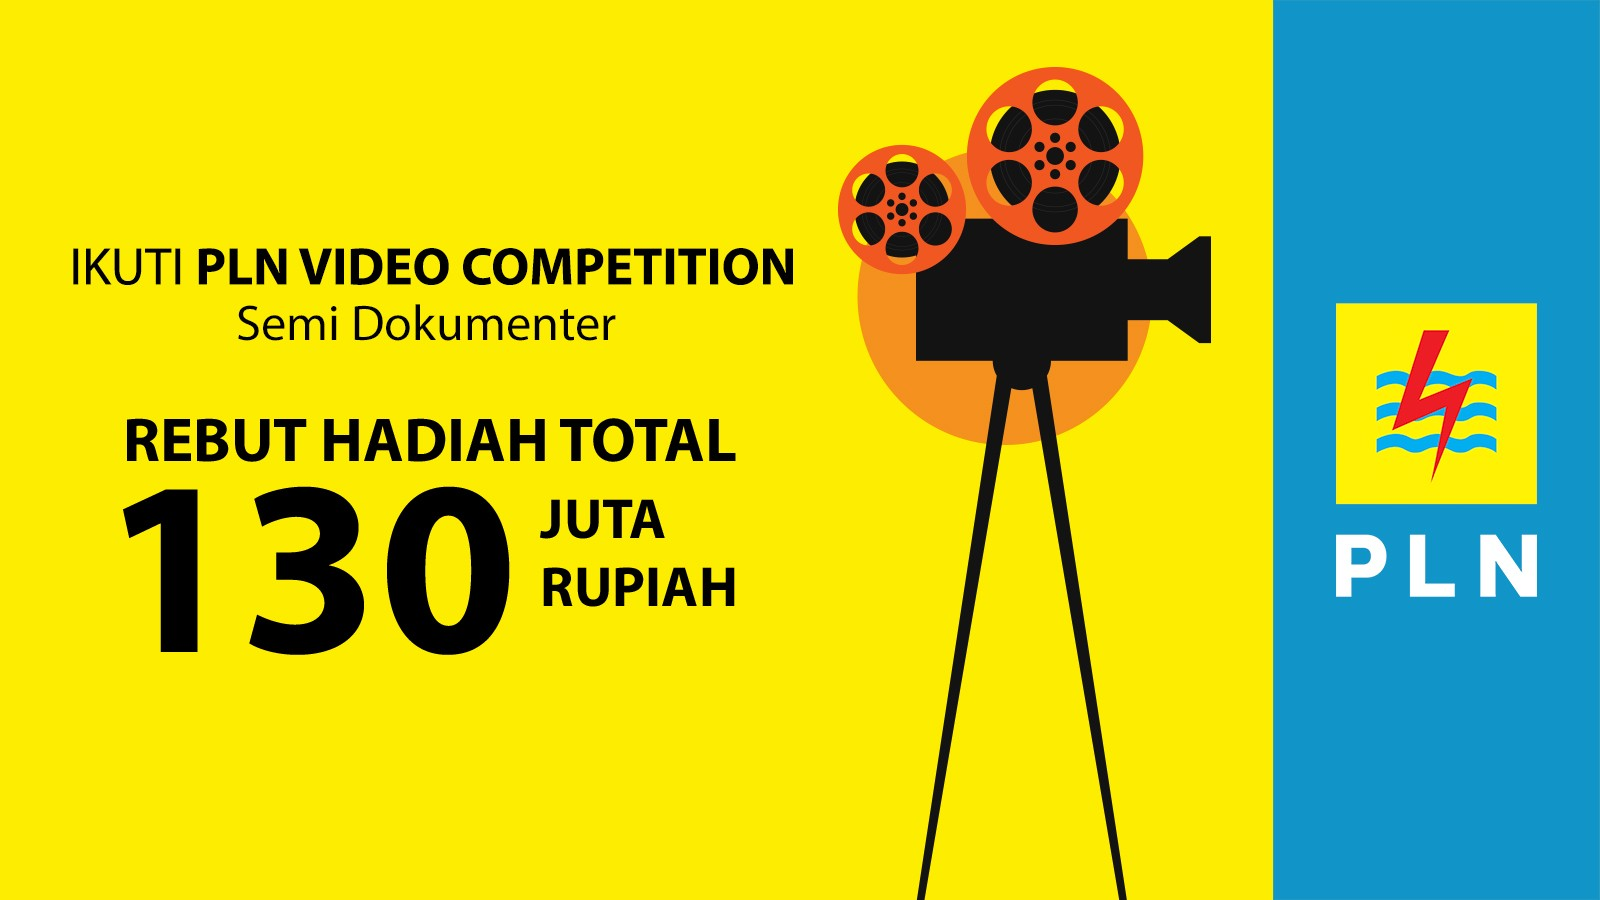 PLN Video Competition Semi Dokumenter Total Hadiah 130 Juta Rupiah